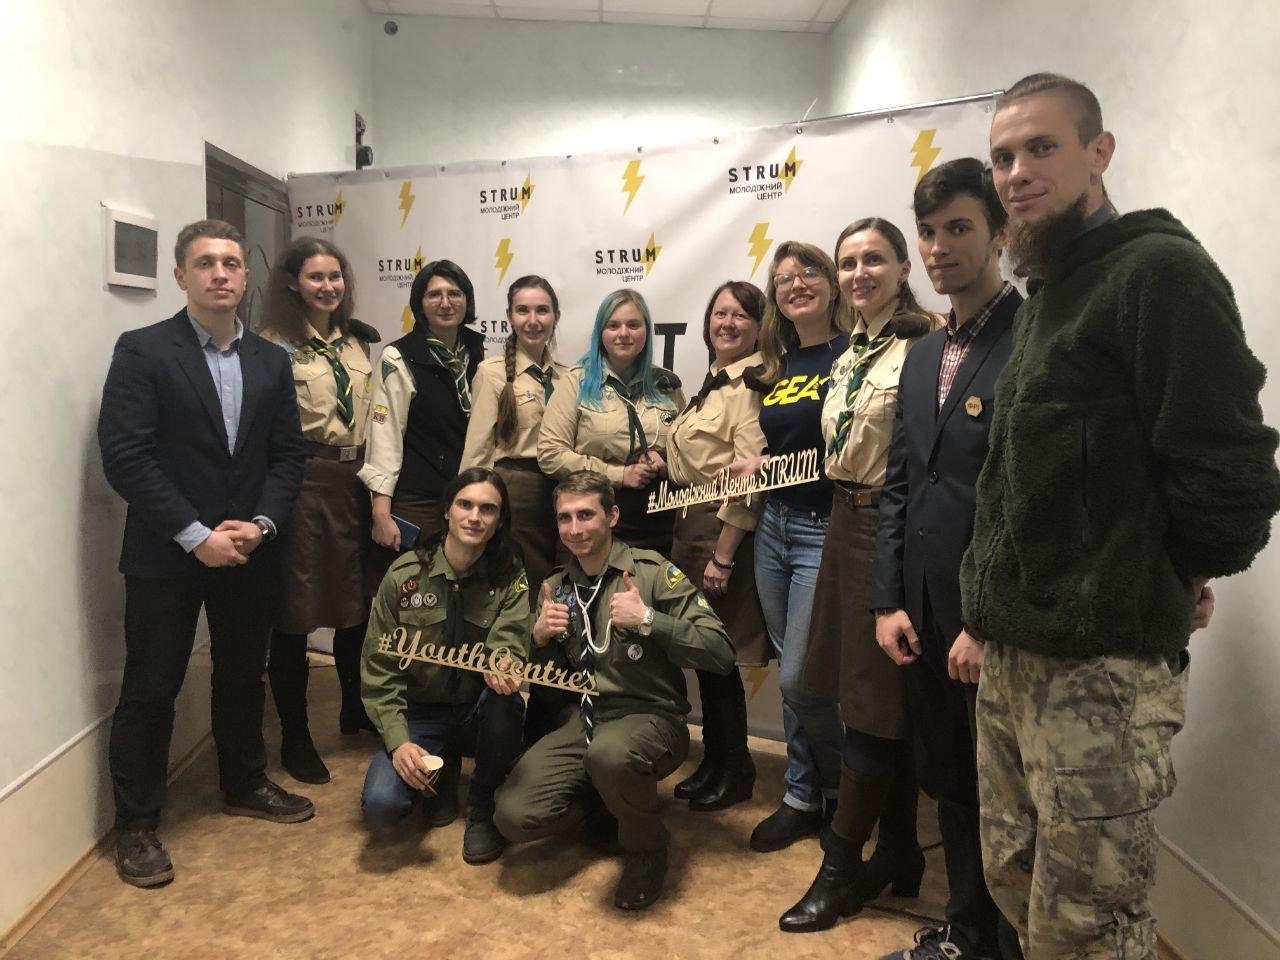 В Днепре открылся молодежный центр STRUM: что там будет, - ФОТО, фото-2